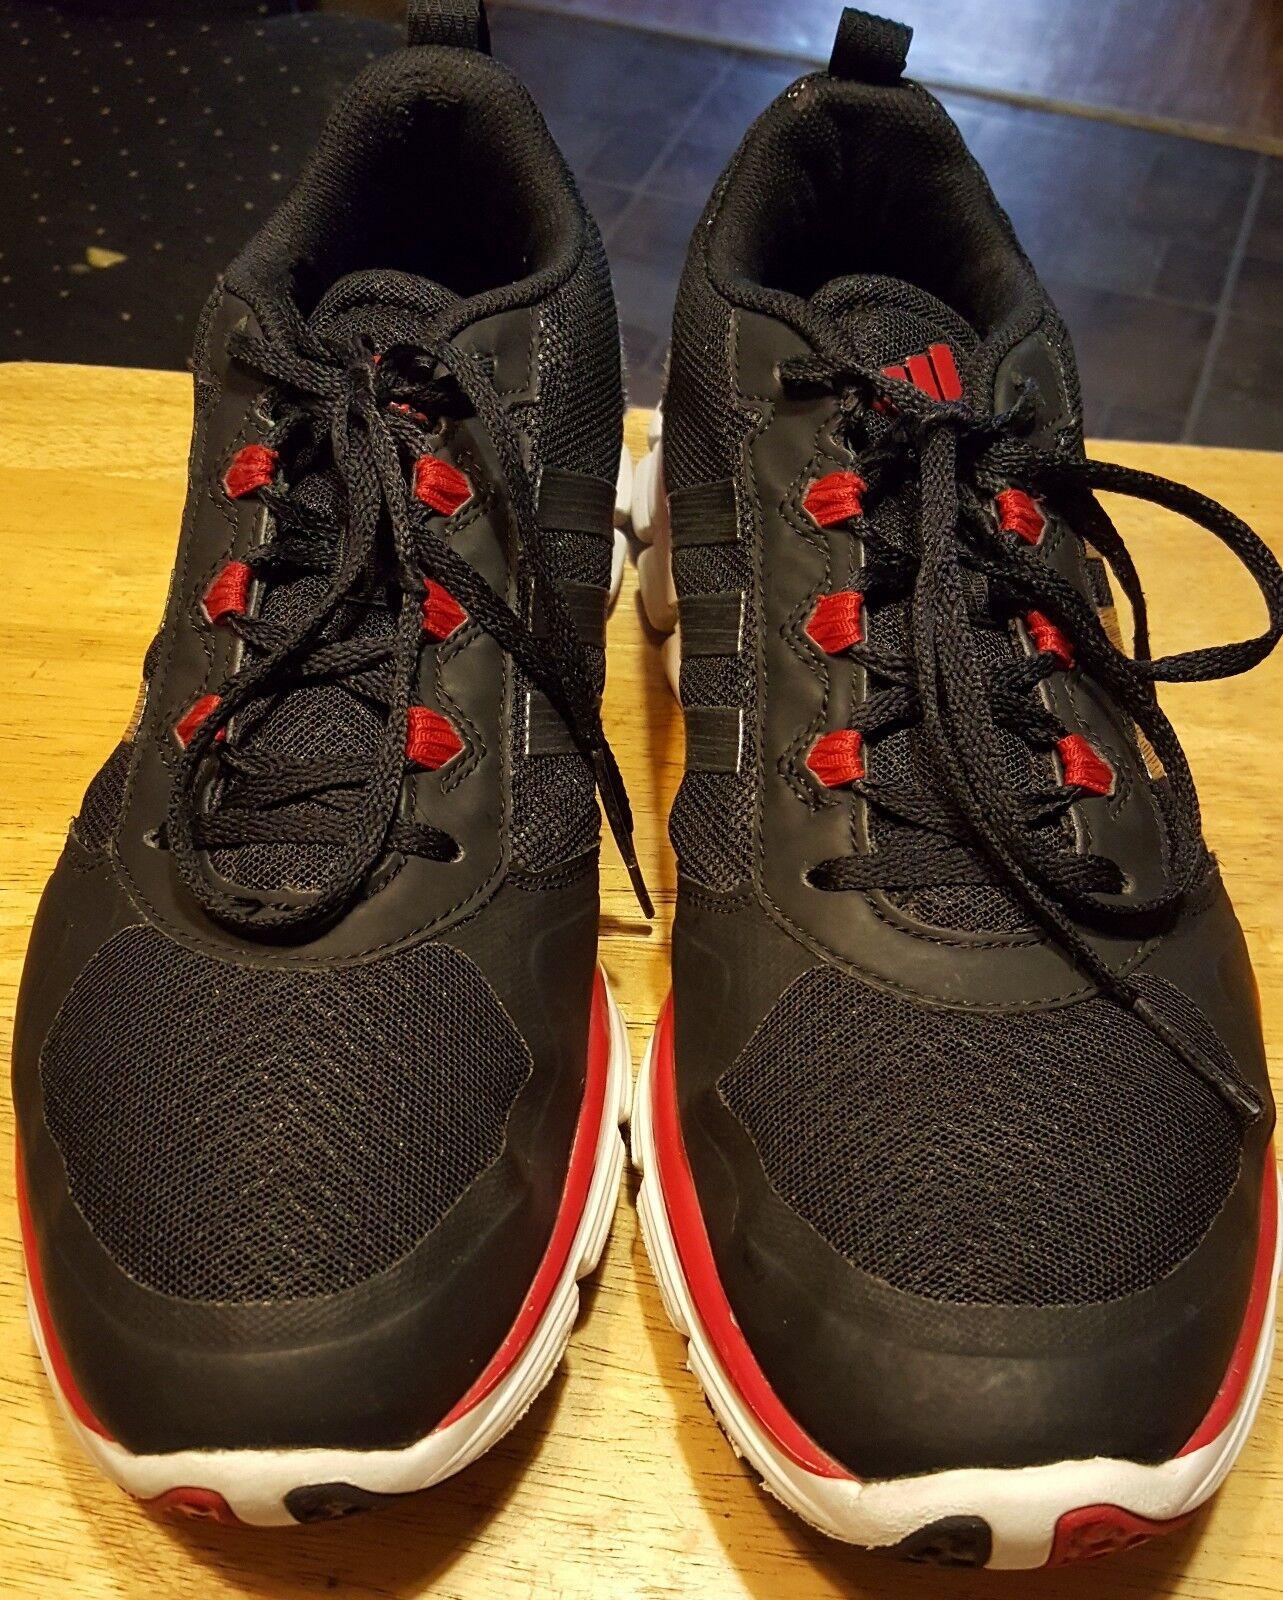 adidas schuhe der männer größe 12 schwarz / rote stutzen, männer der aus nizza 53f43b